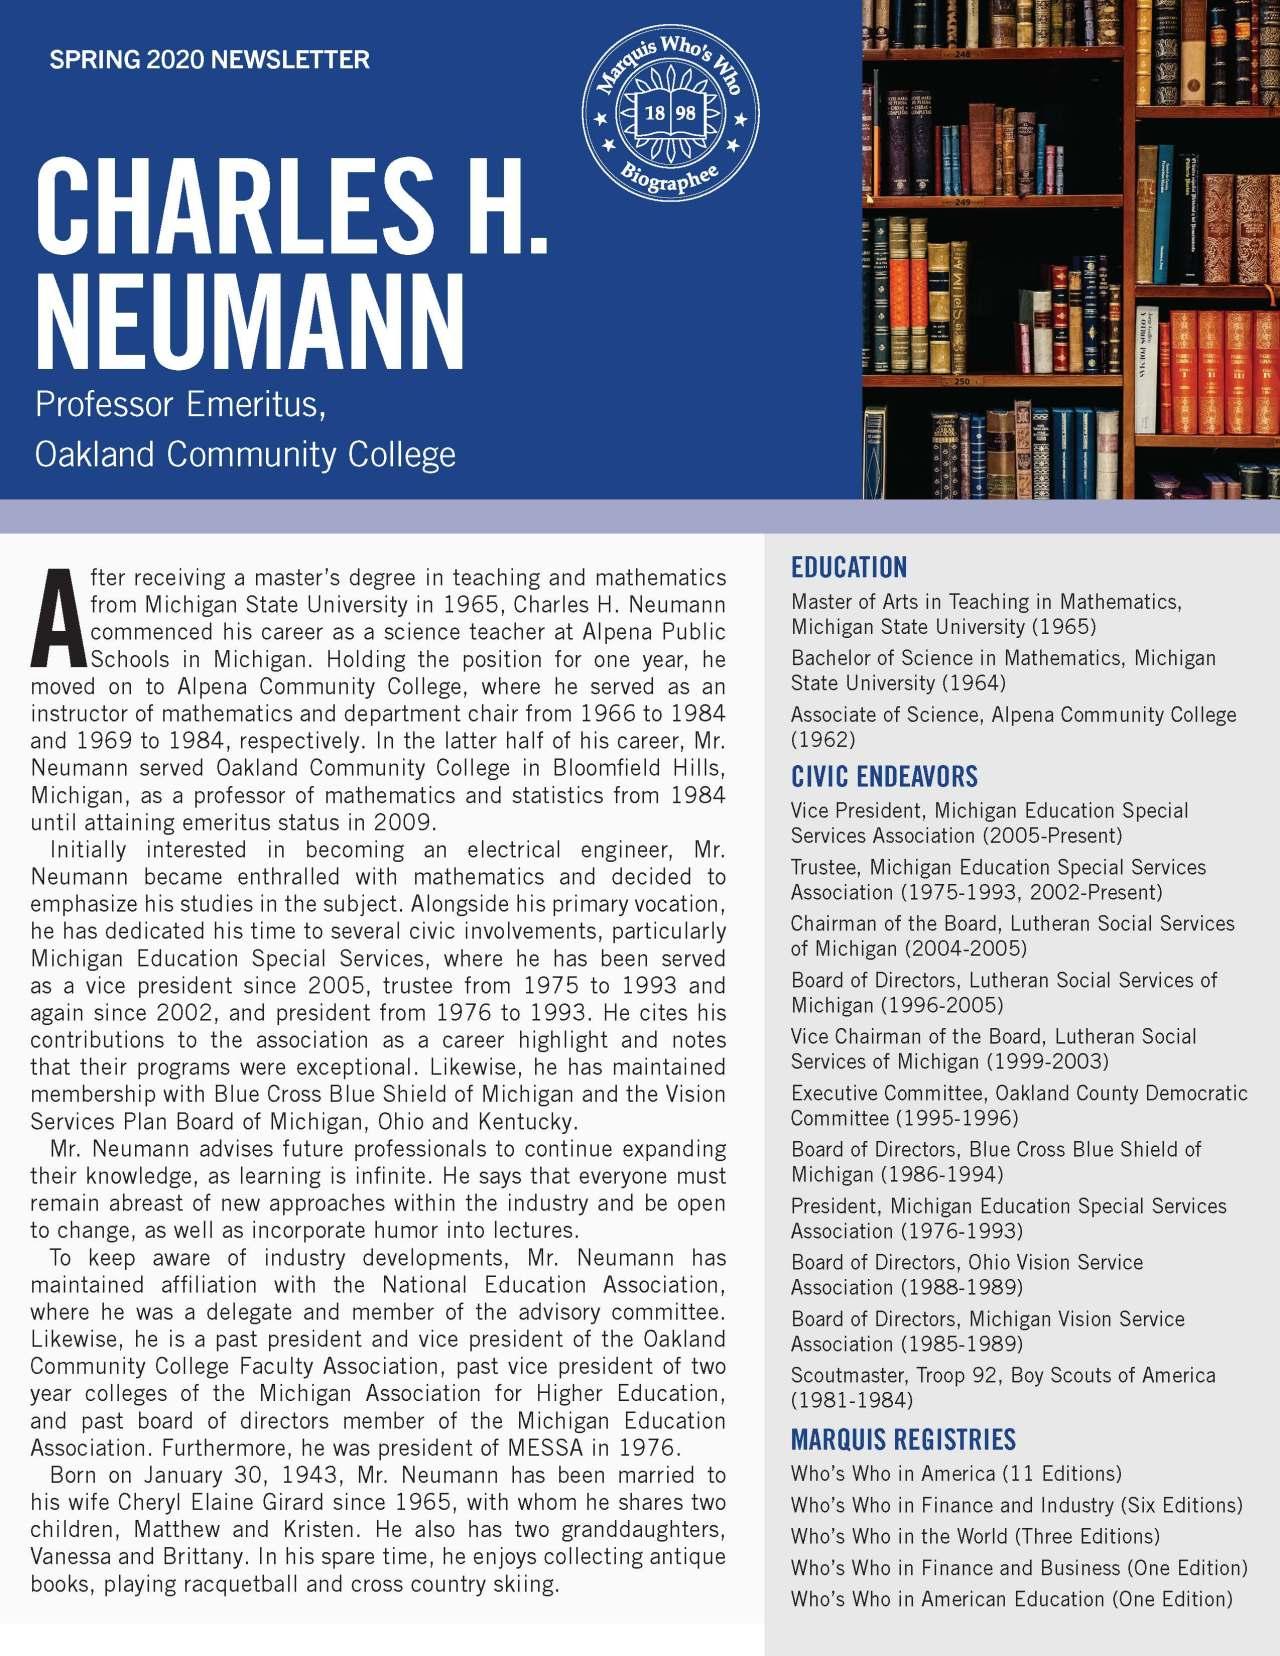 Neumann, Charles 4317596_22799233 Newsletter